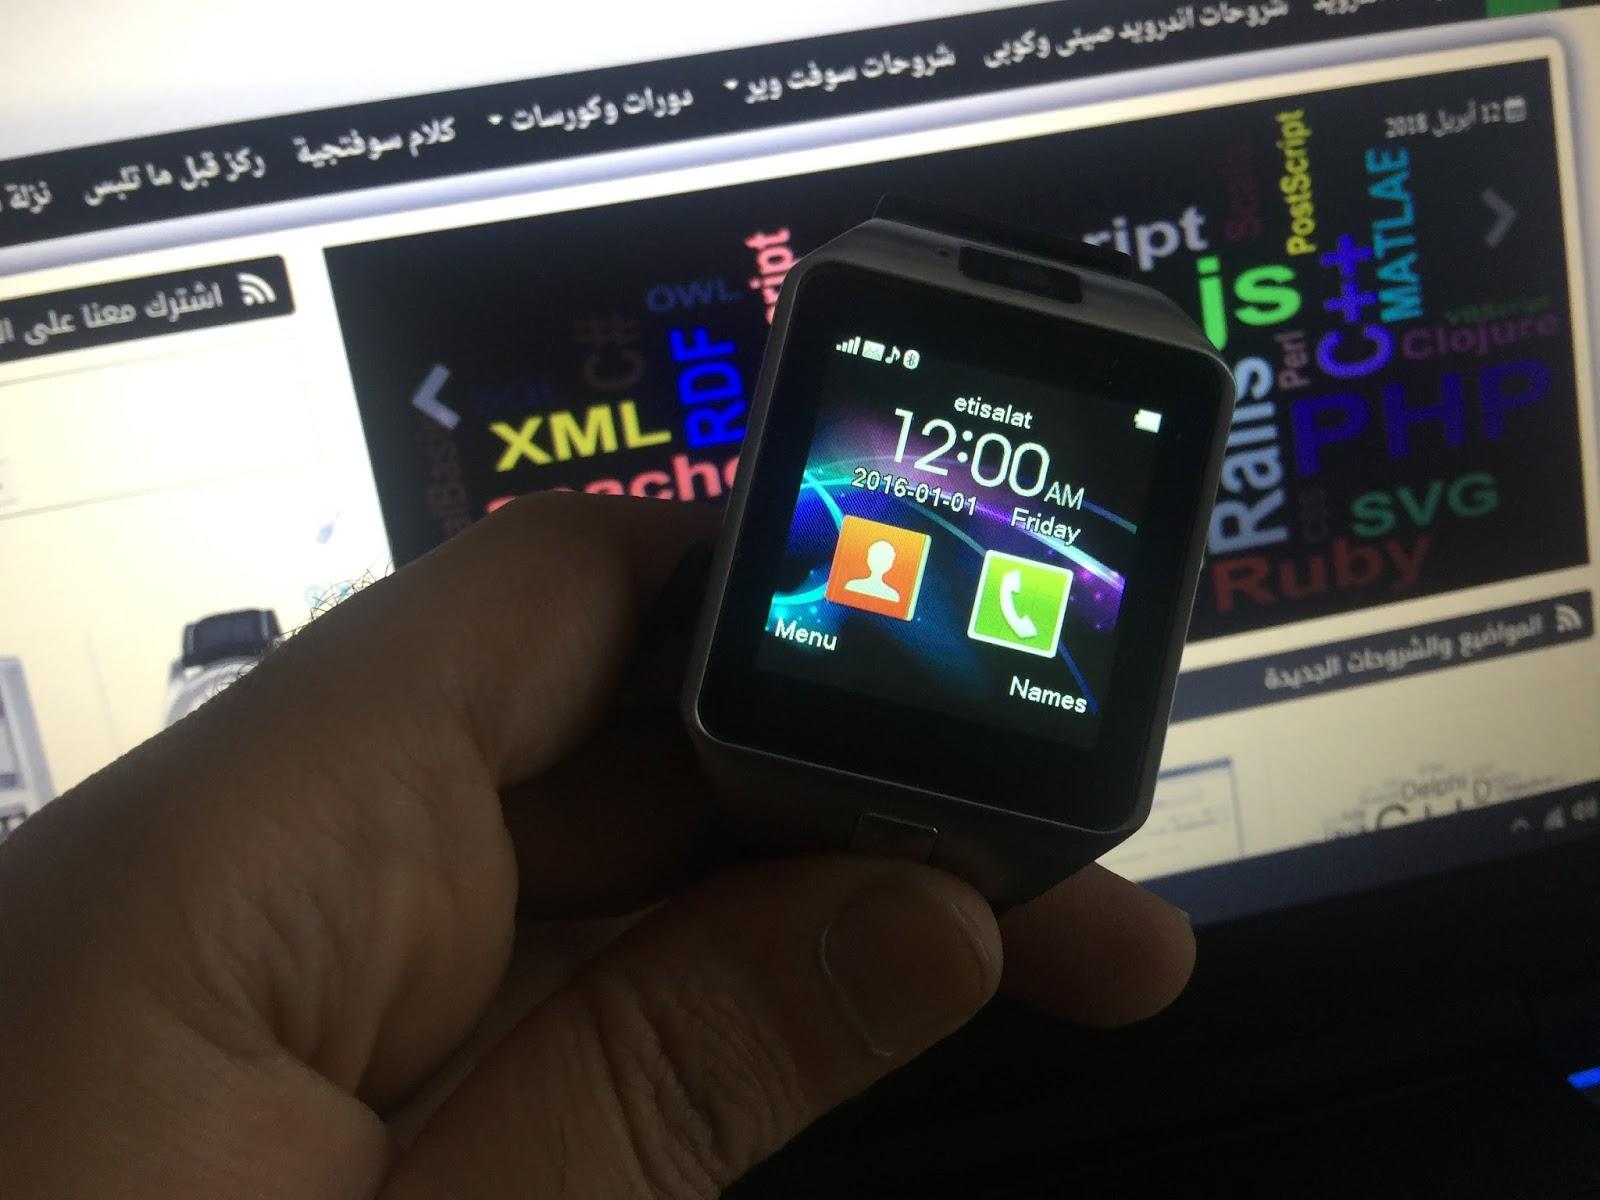 طريقة تفليش Smartwatch ذات المعالج MT6261 + الفلاشات الخاصة بها